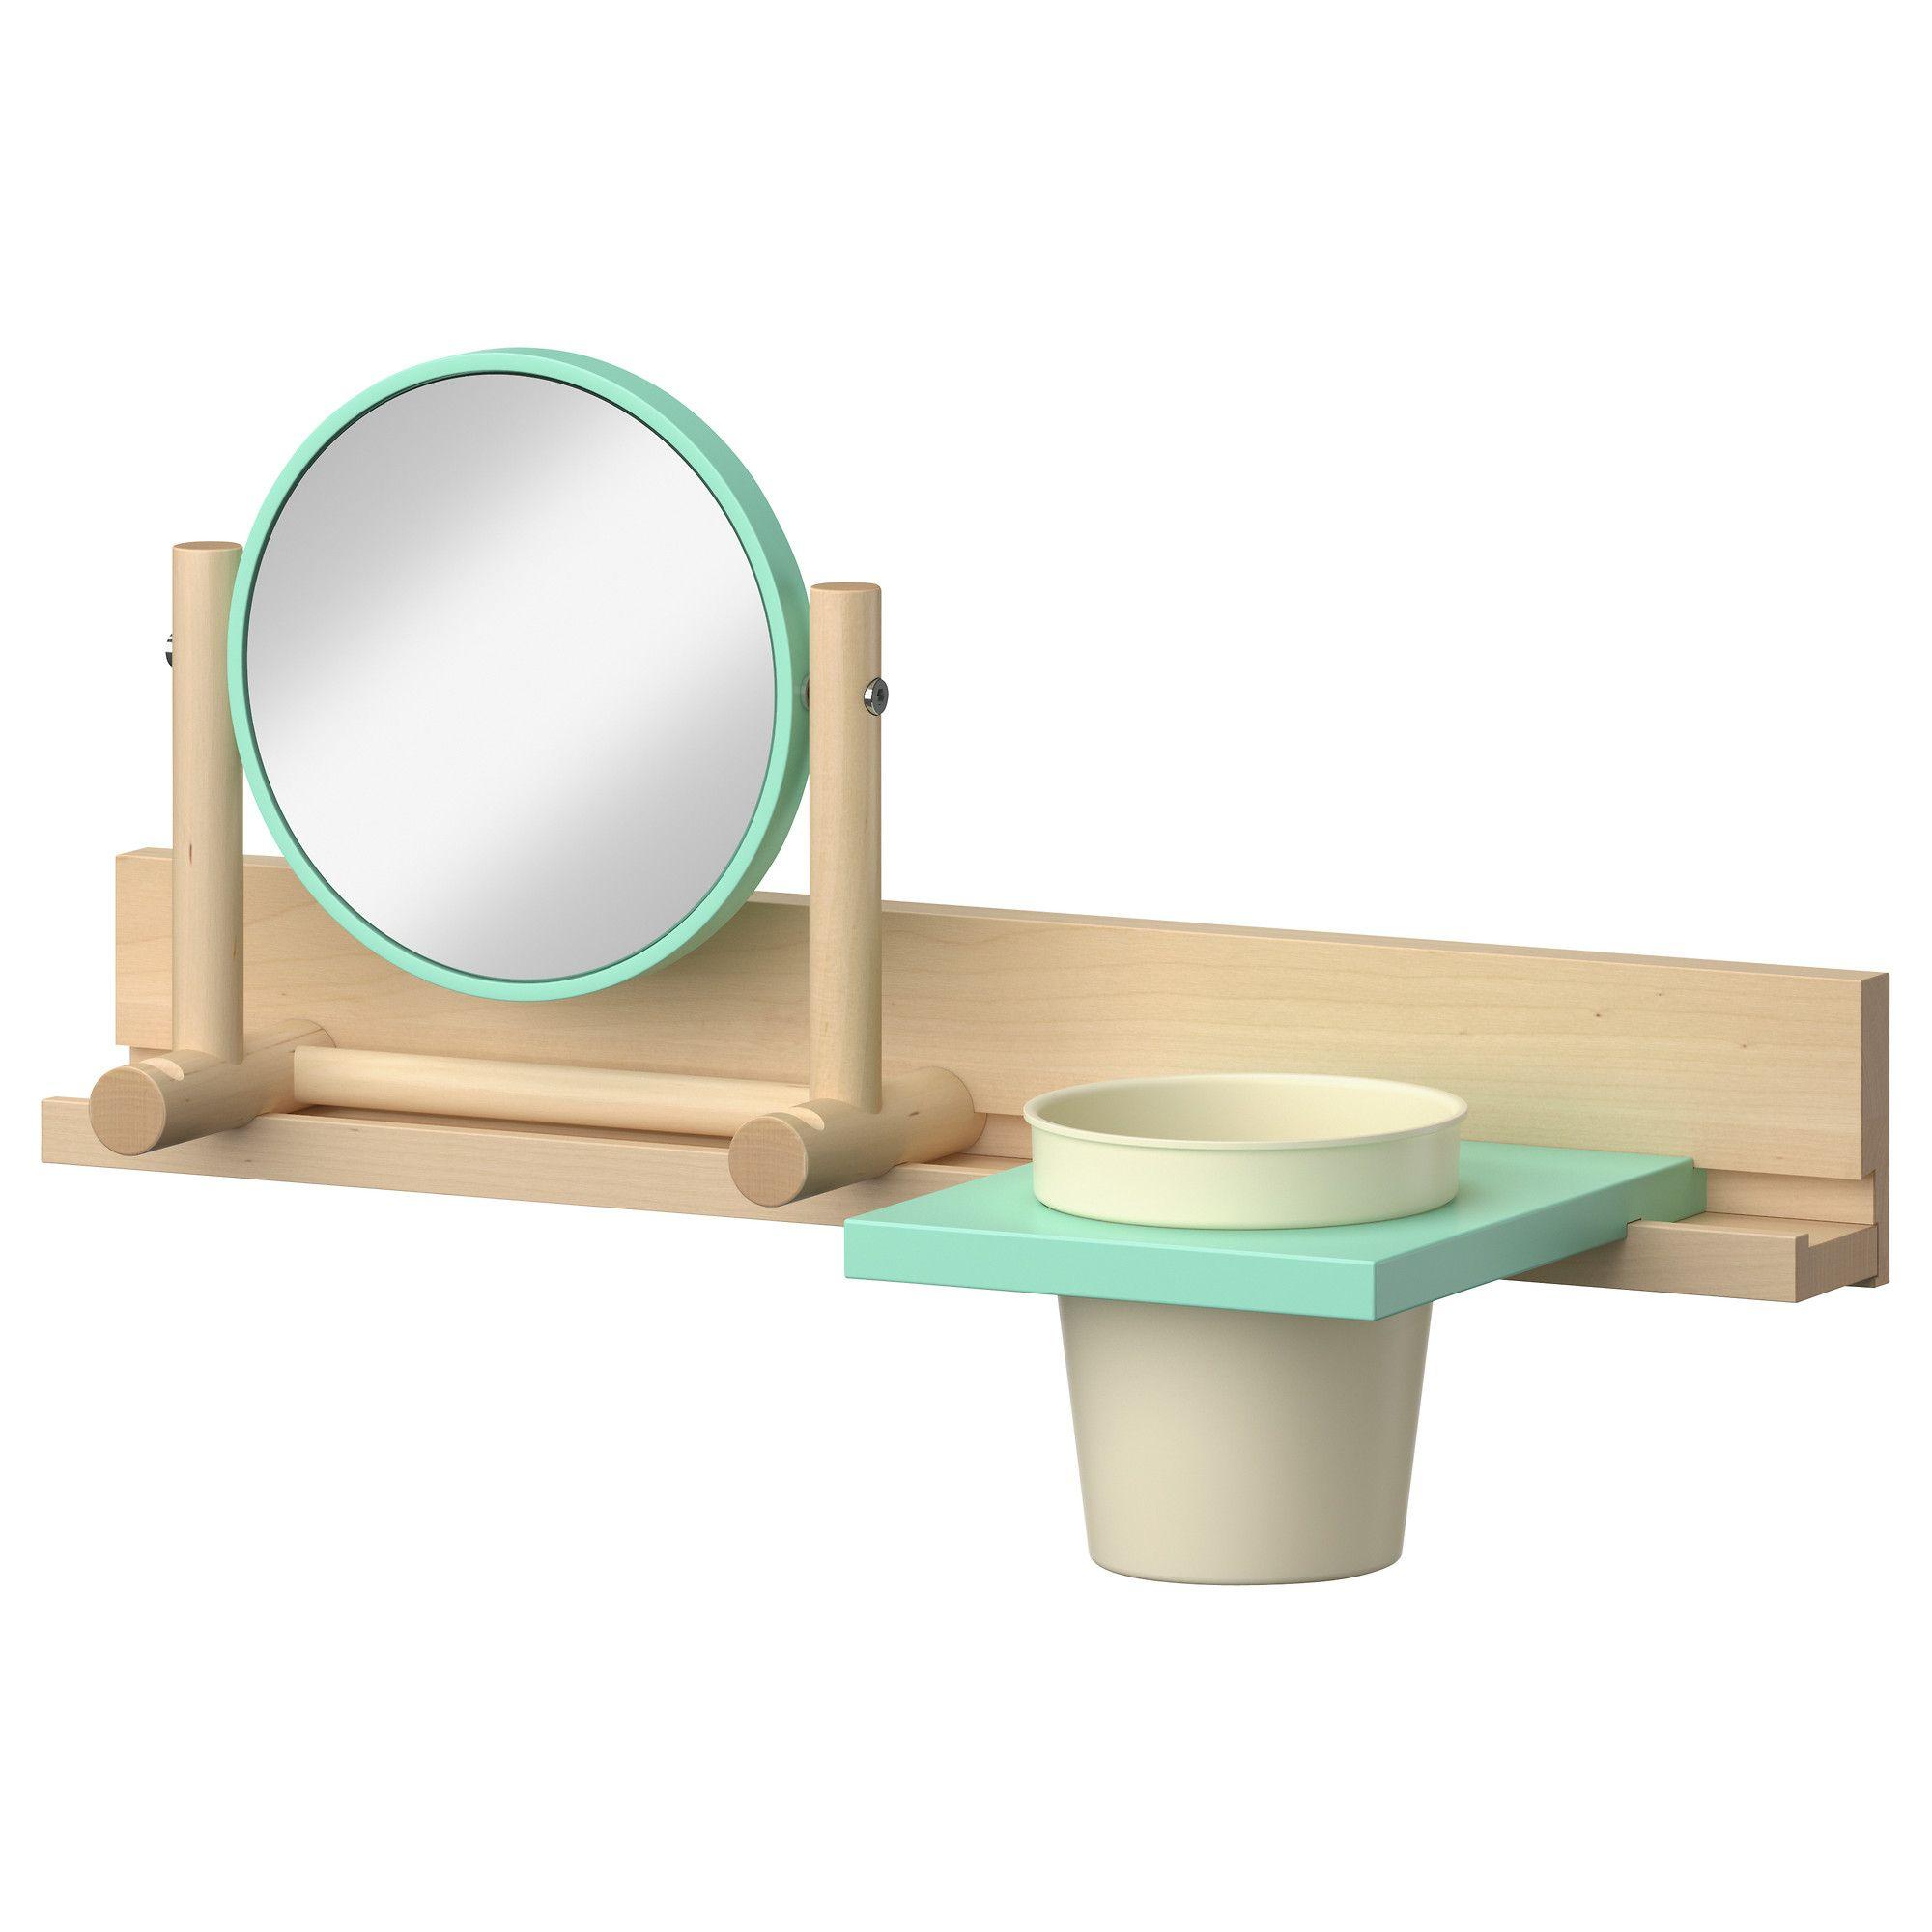 mobilier et d coration int rieur et ext rieur deco. Black Bedroom Furniture Sets. Home Design Ideas